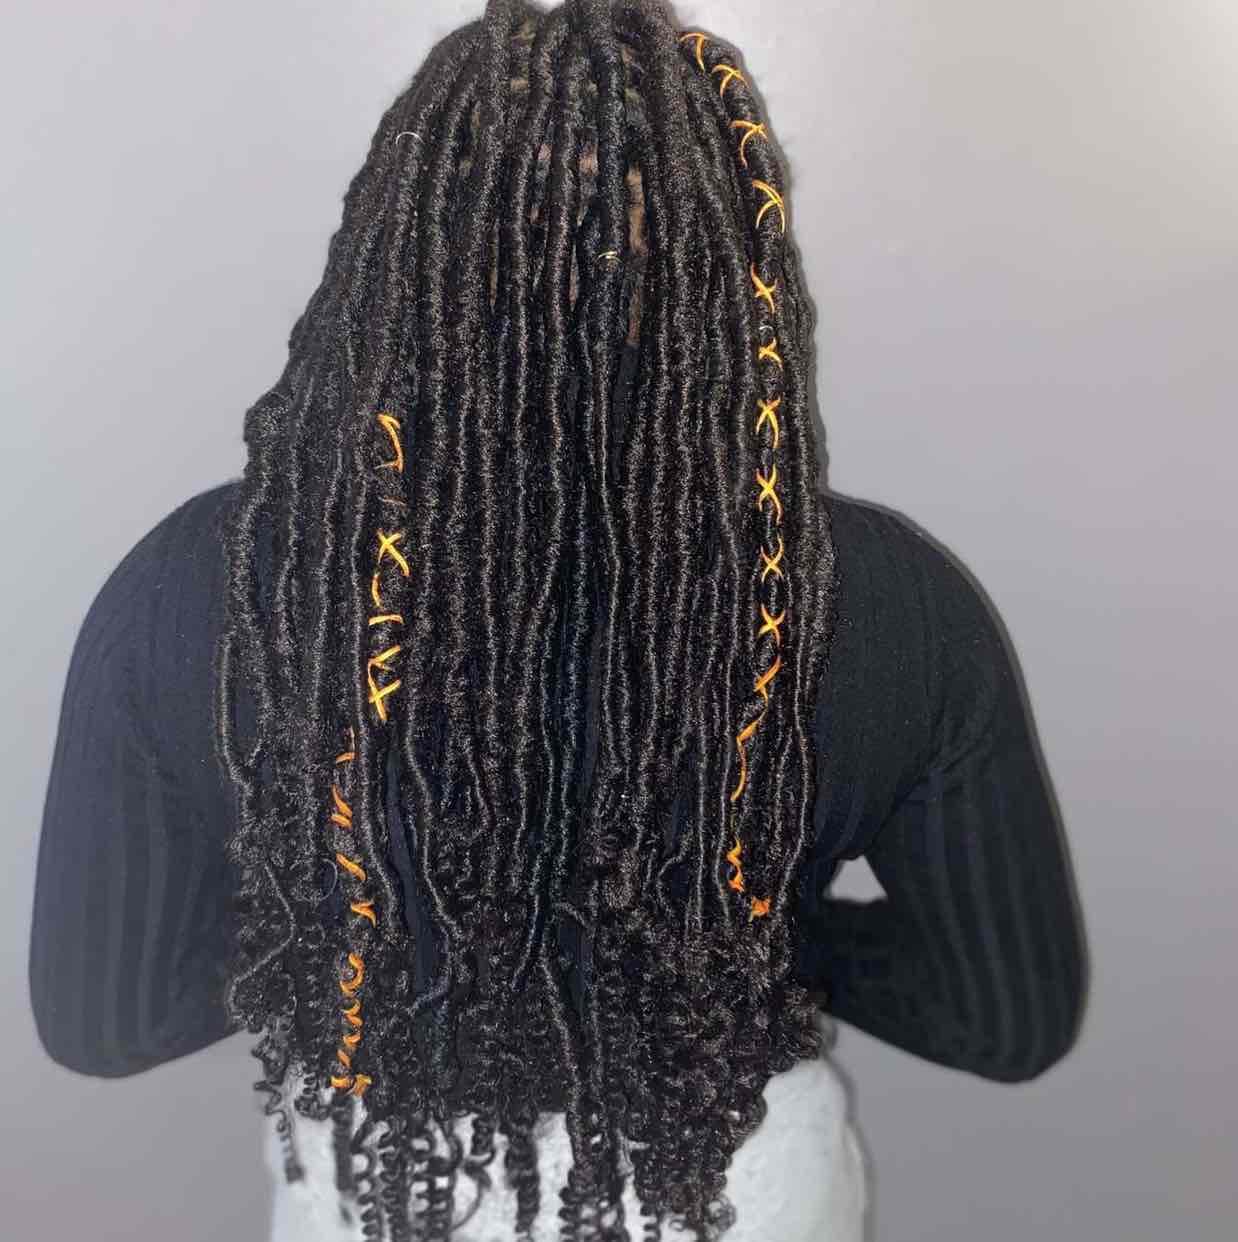 salon de coiffure afro tresse tresses box braids crochet braids vanilles tissages paris 75 77 78 91 92 93 94 95 CIOWNIDN